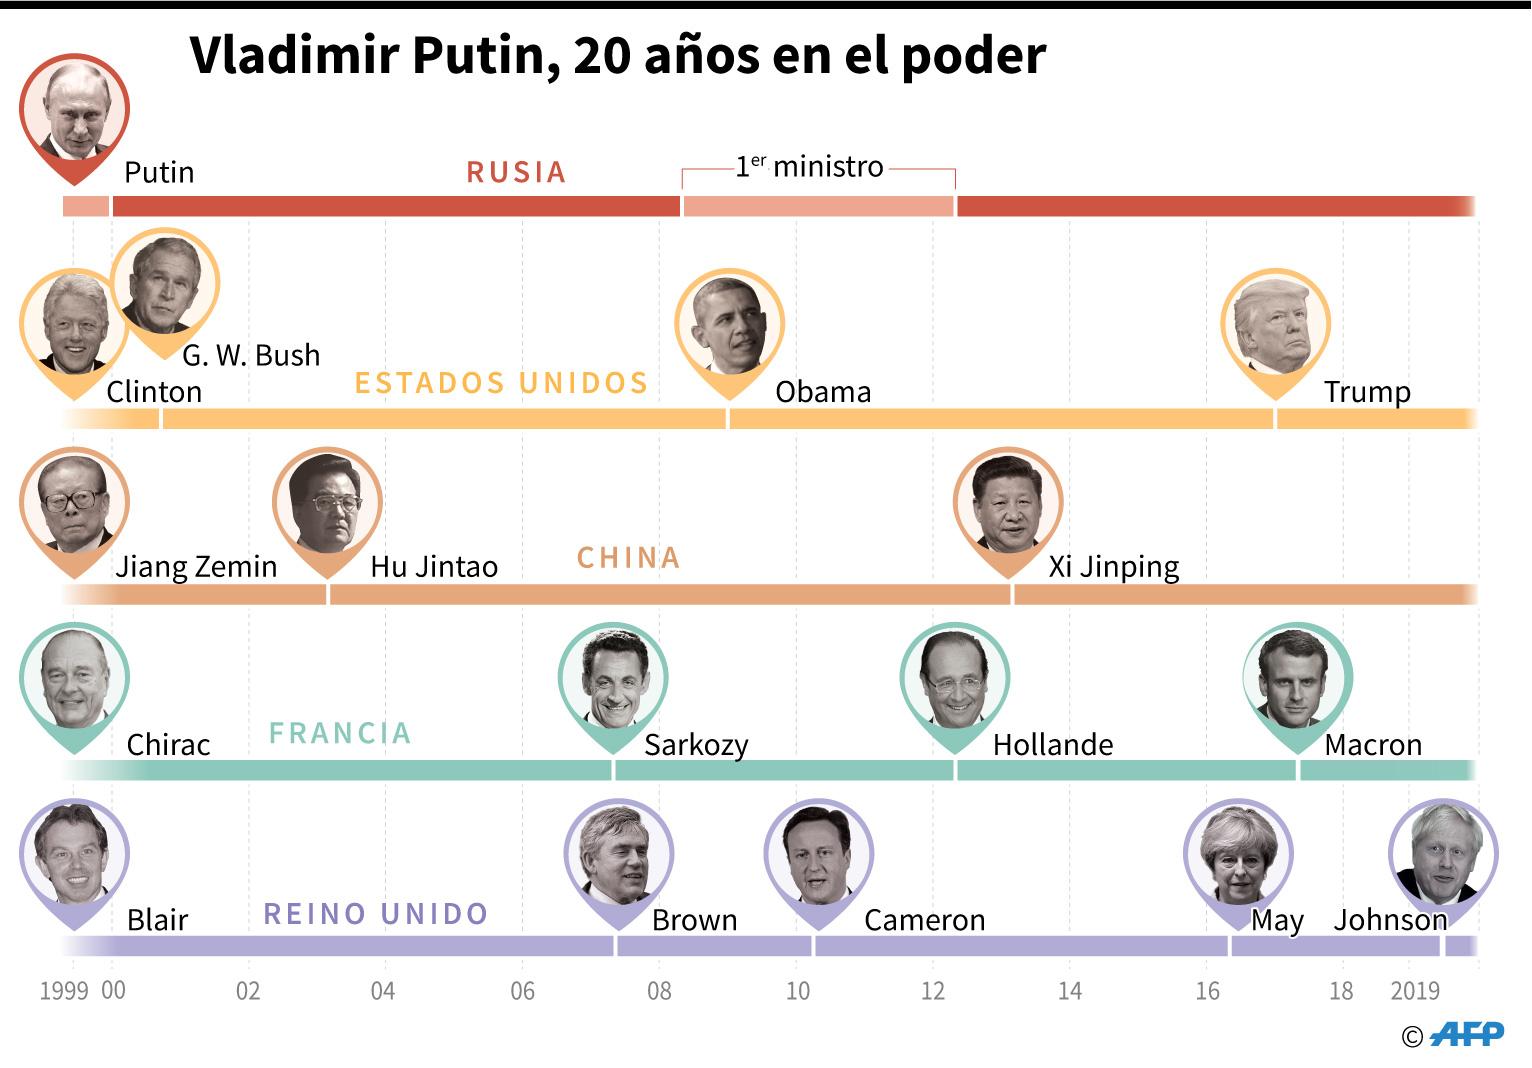 Gráfico de los 20 años en el poder del presidente ruso, Vladimir Plutin, comparando la duración de su mandato con la de los líderes de otras potencias mundiales. (AFP)